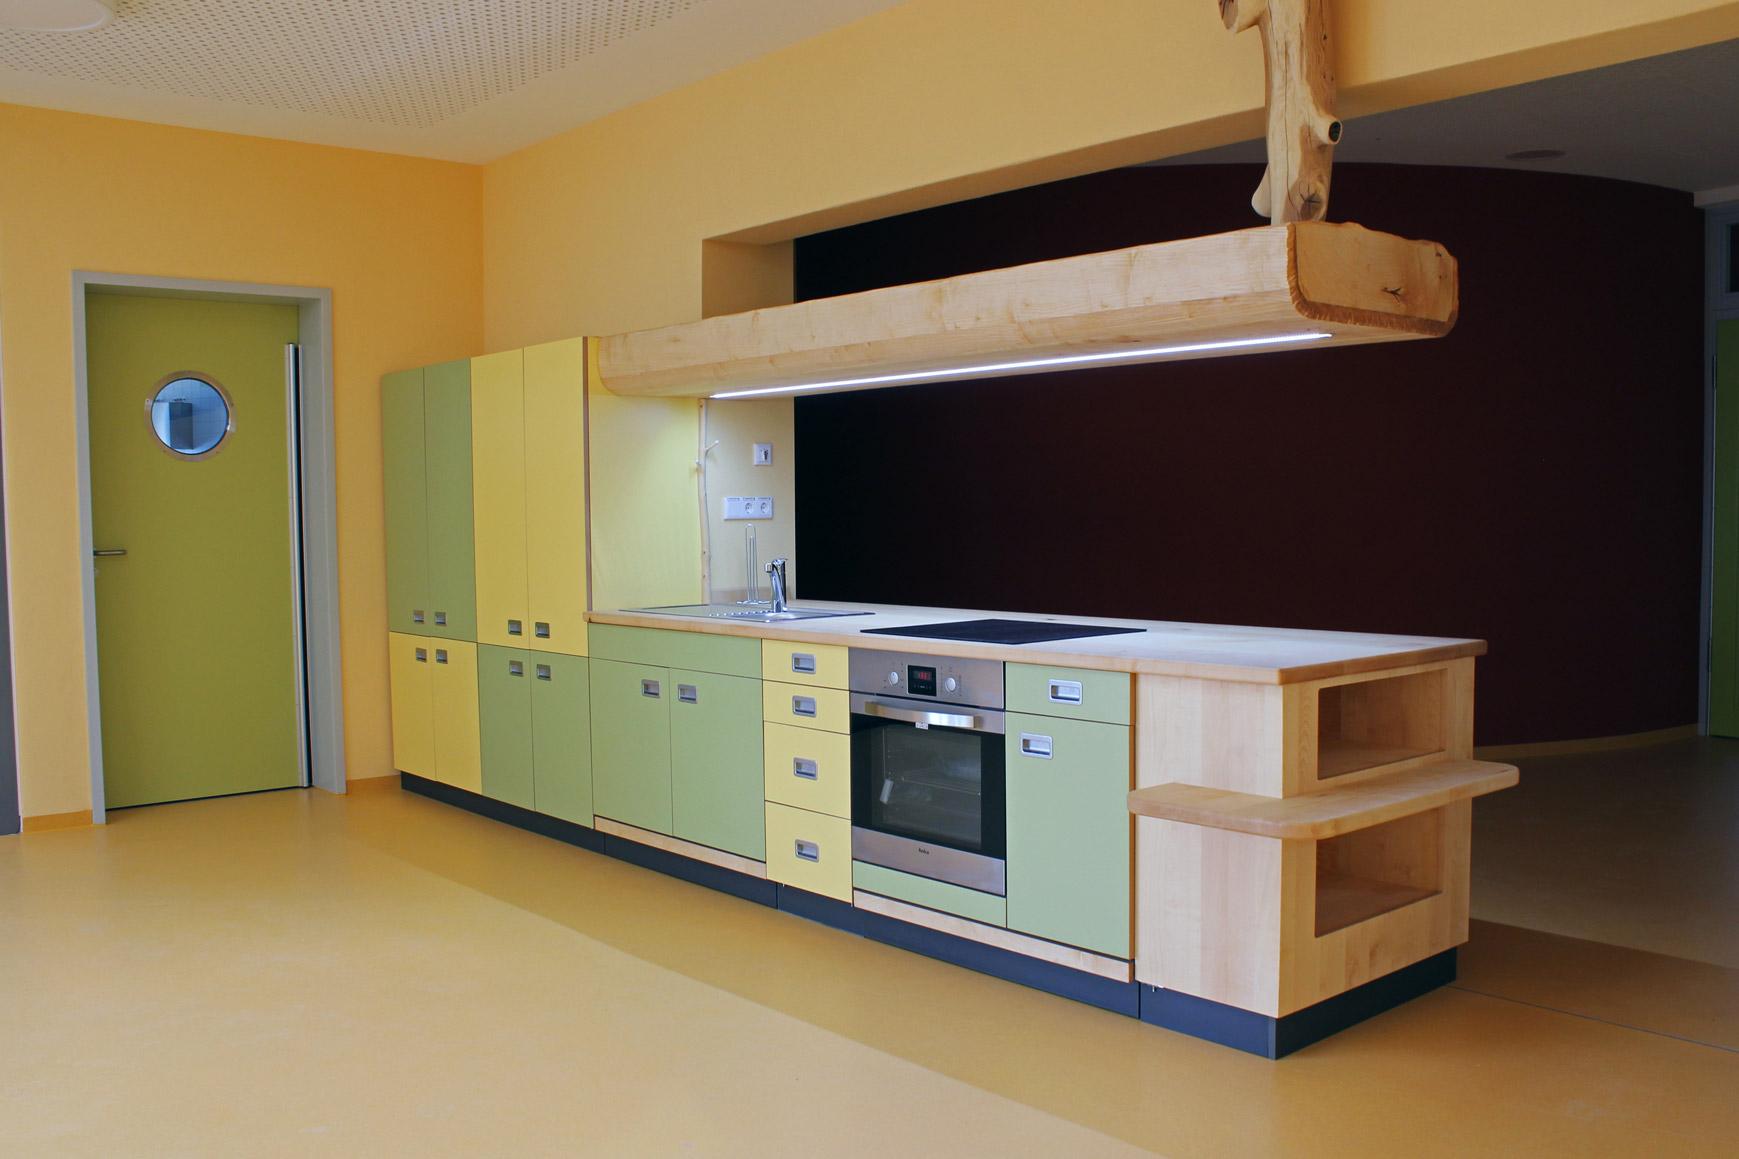 Foto Kücheneinrichtung für Kindertagesstätte in Zwickau